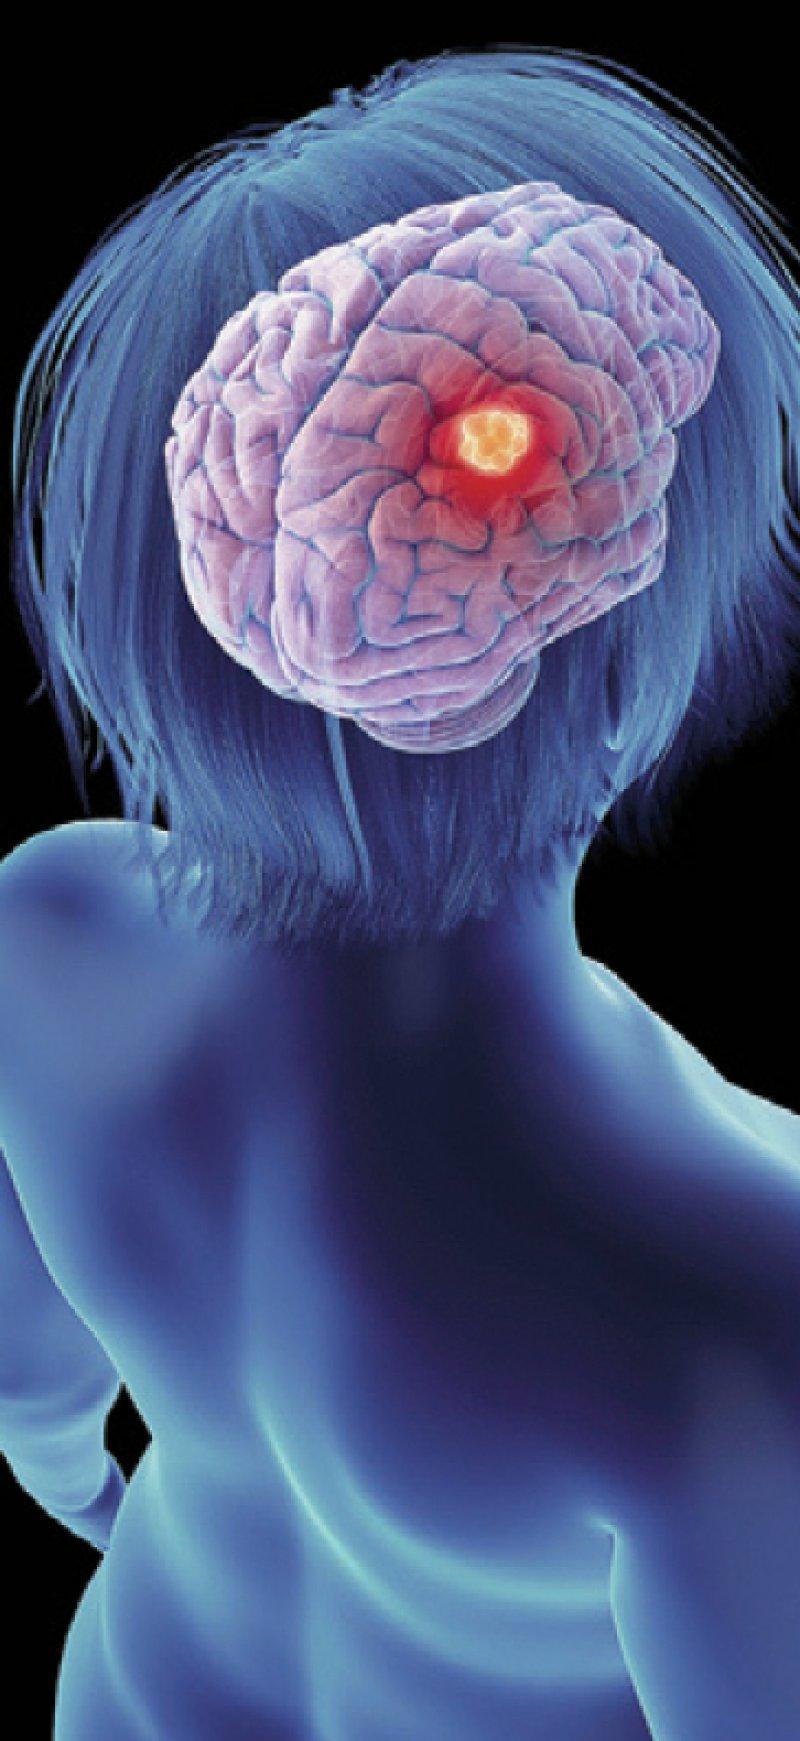 Foto:Science RF/stock.adobe.com